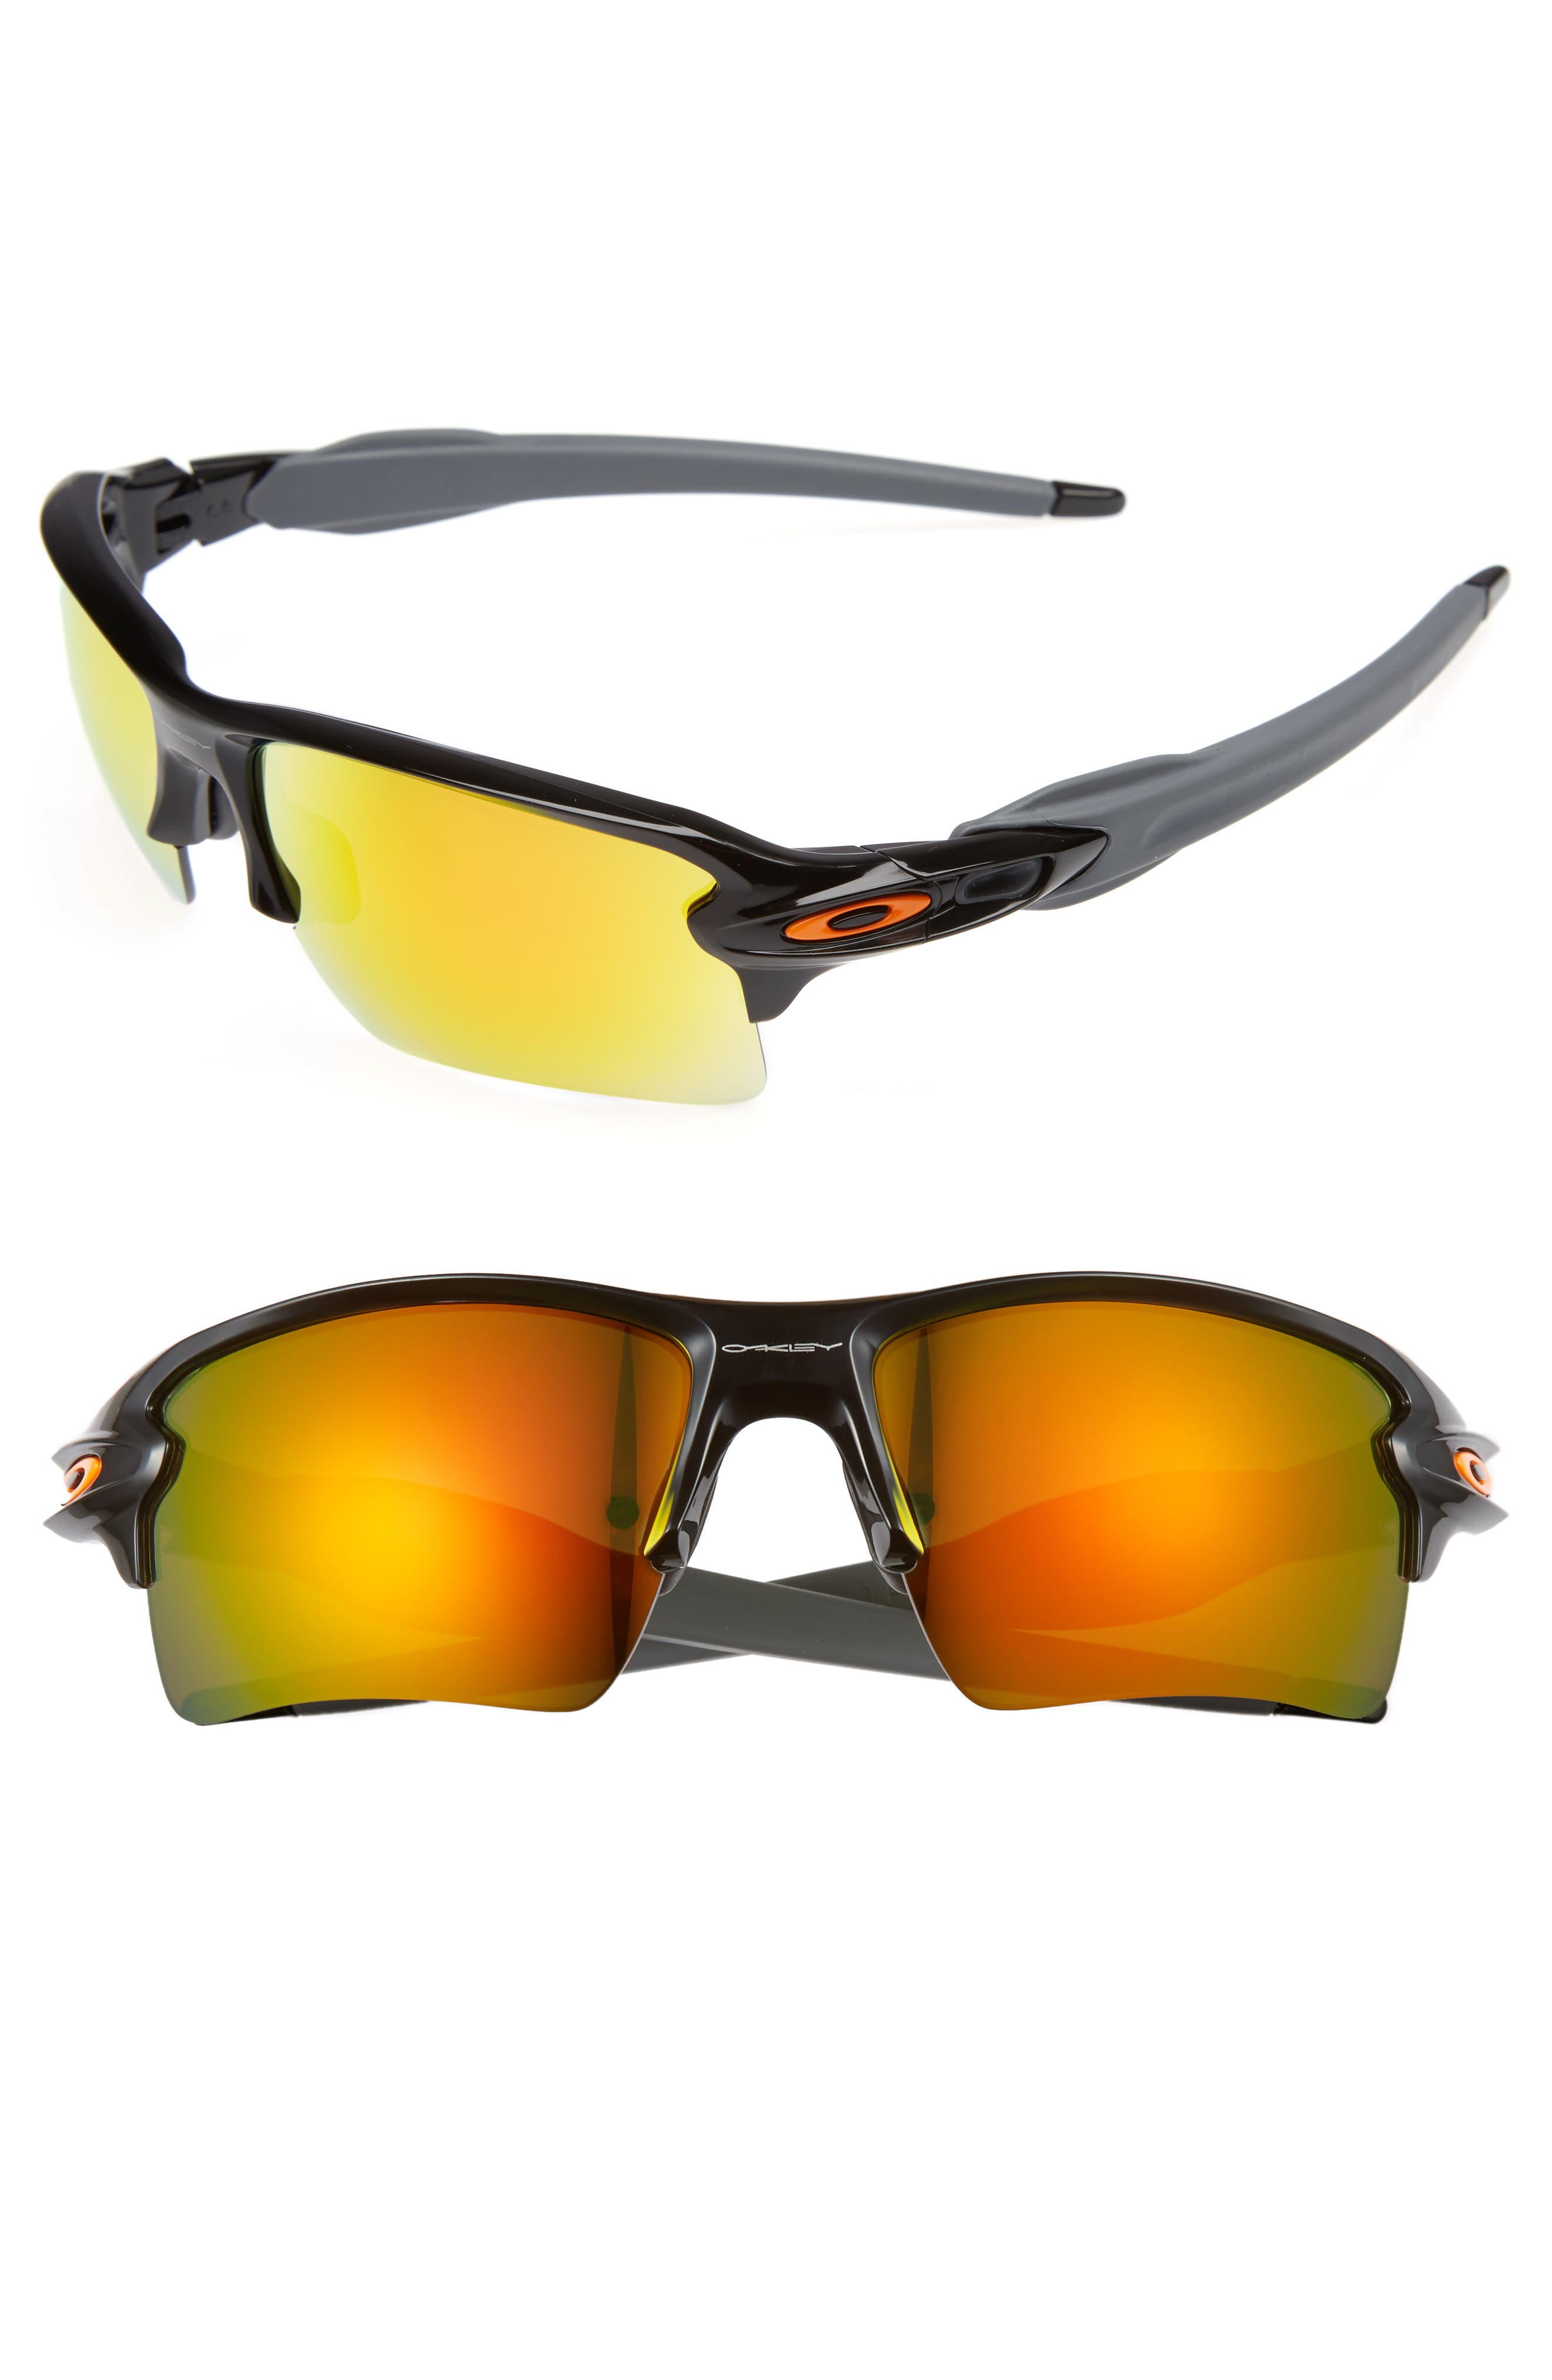 Oakley Flak 2.0 59mm Sunglasses